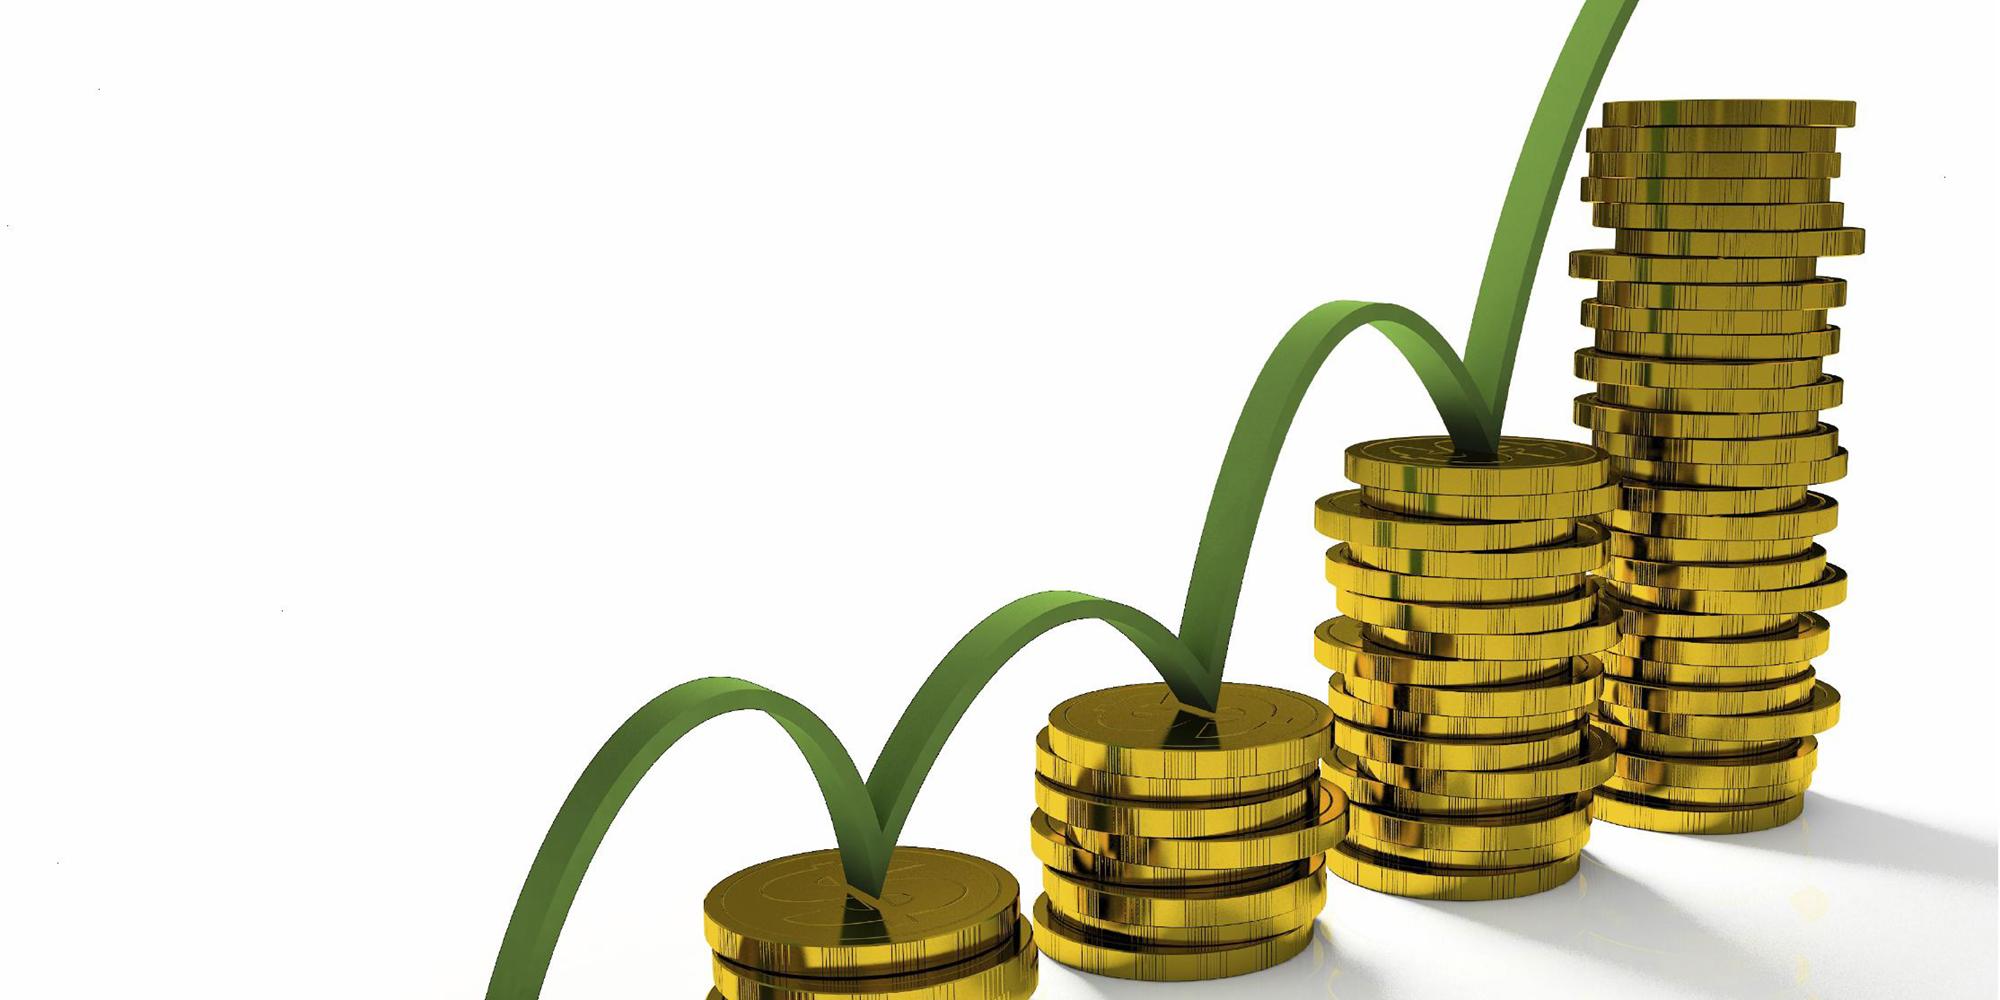 3 مانع اساسی در جذب سرمایه